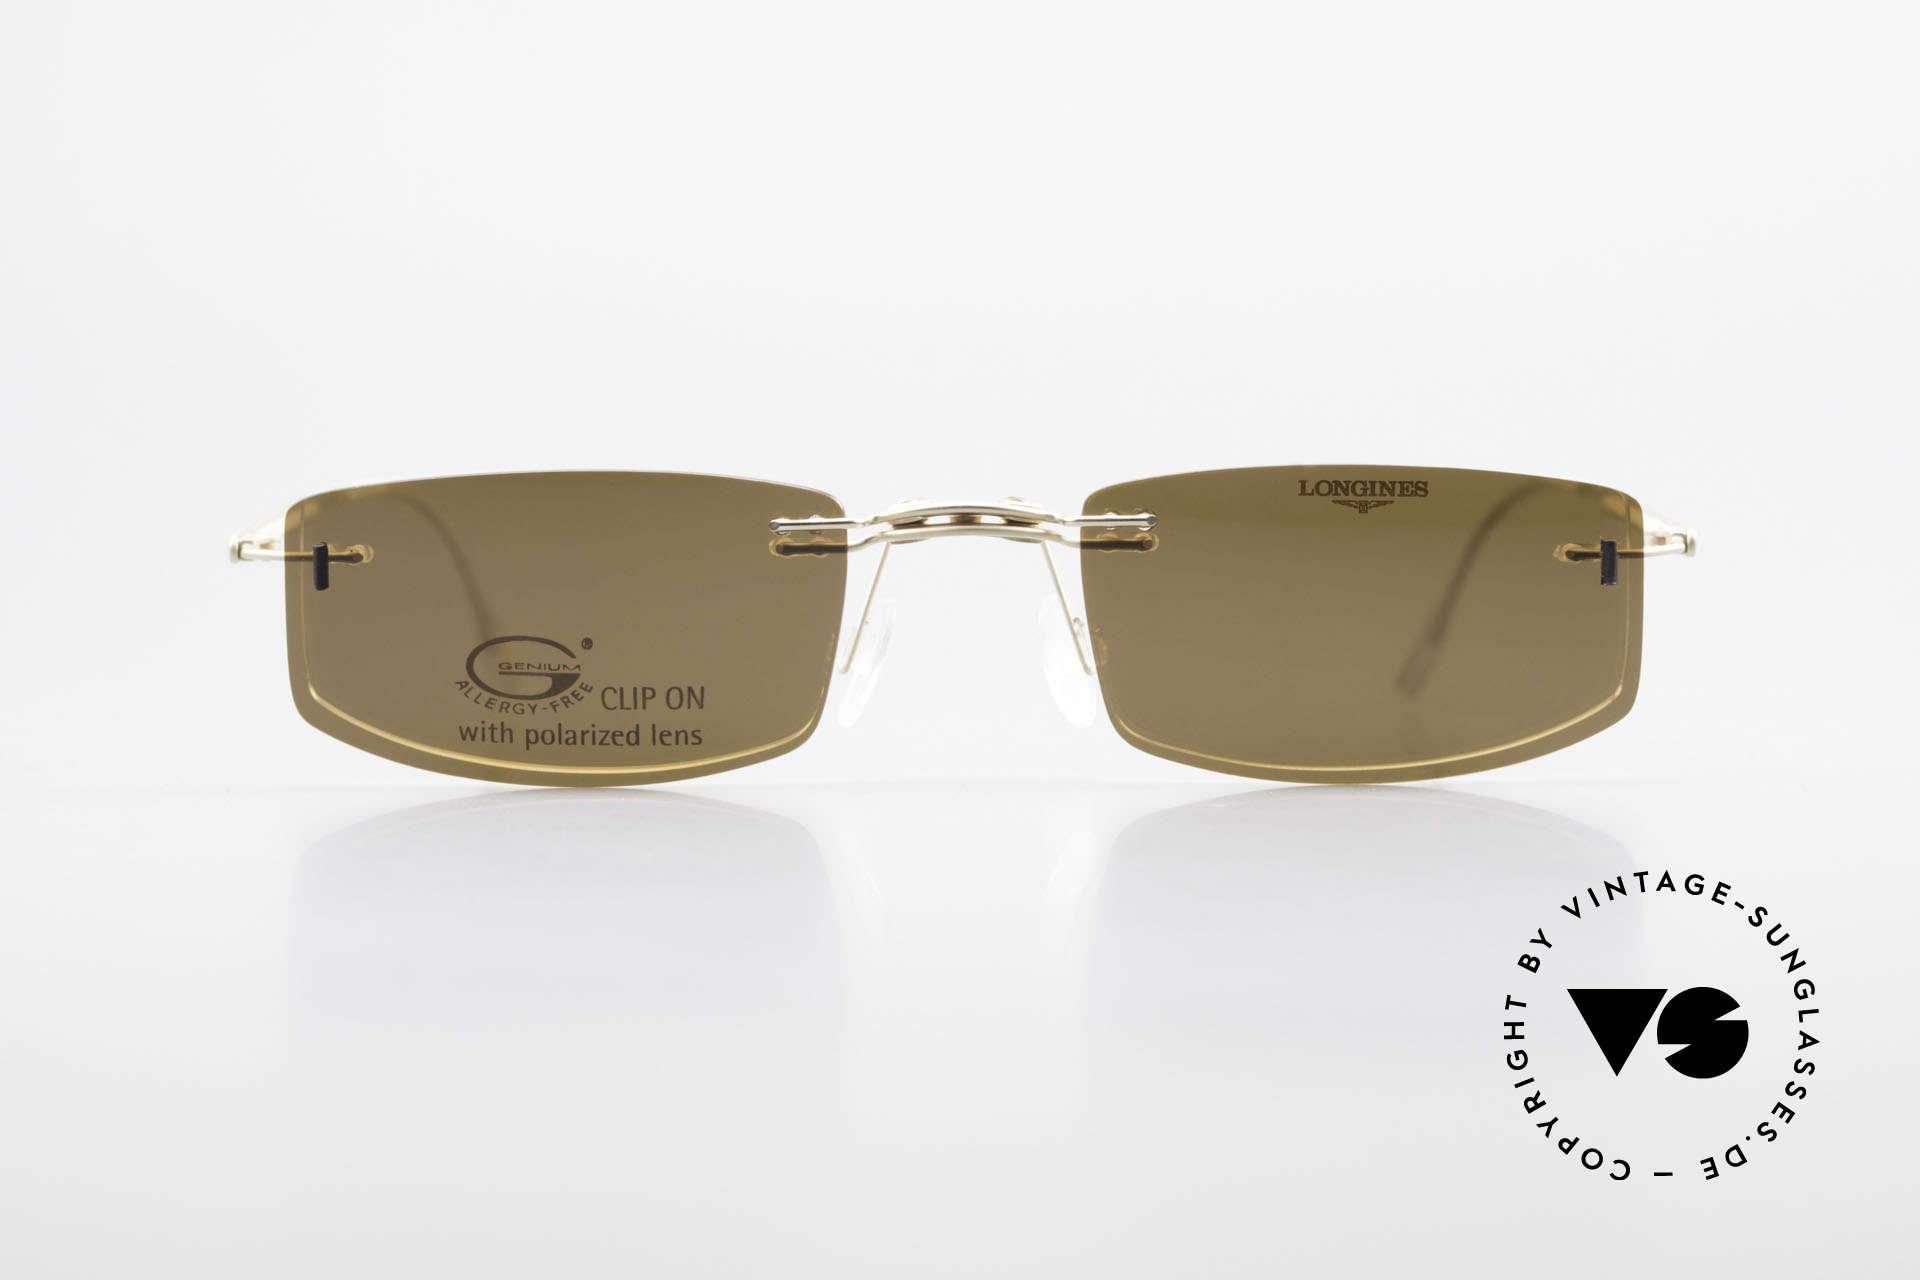 Longines 4378 Polarisierende Randlosbrille, allergiefreie, randlose 90er Jahre Brille von Longines, Passend für Herren und Damen